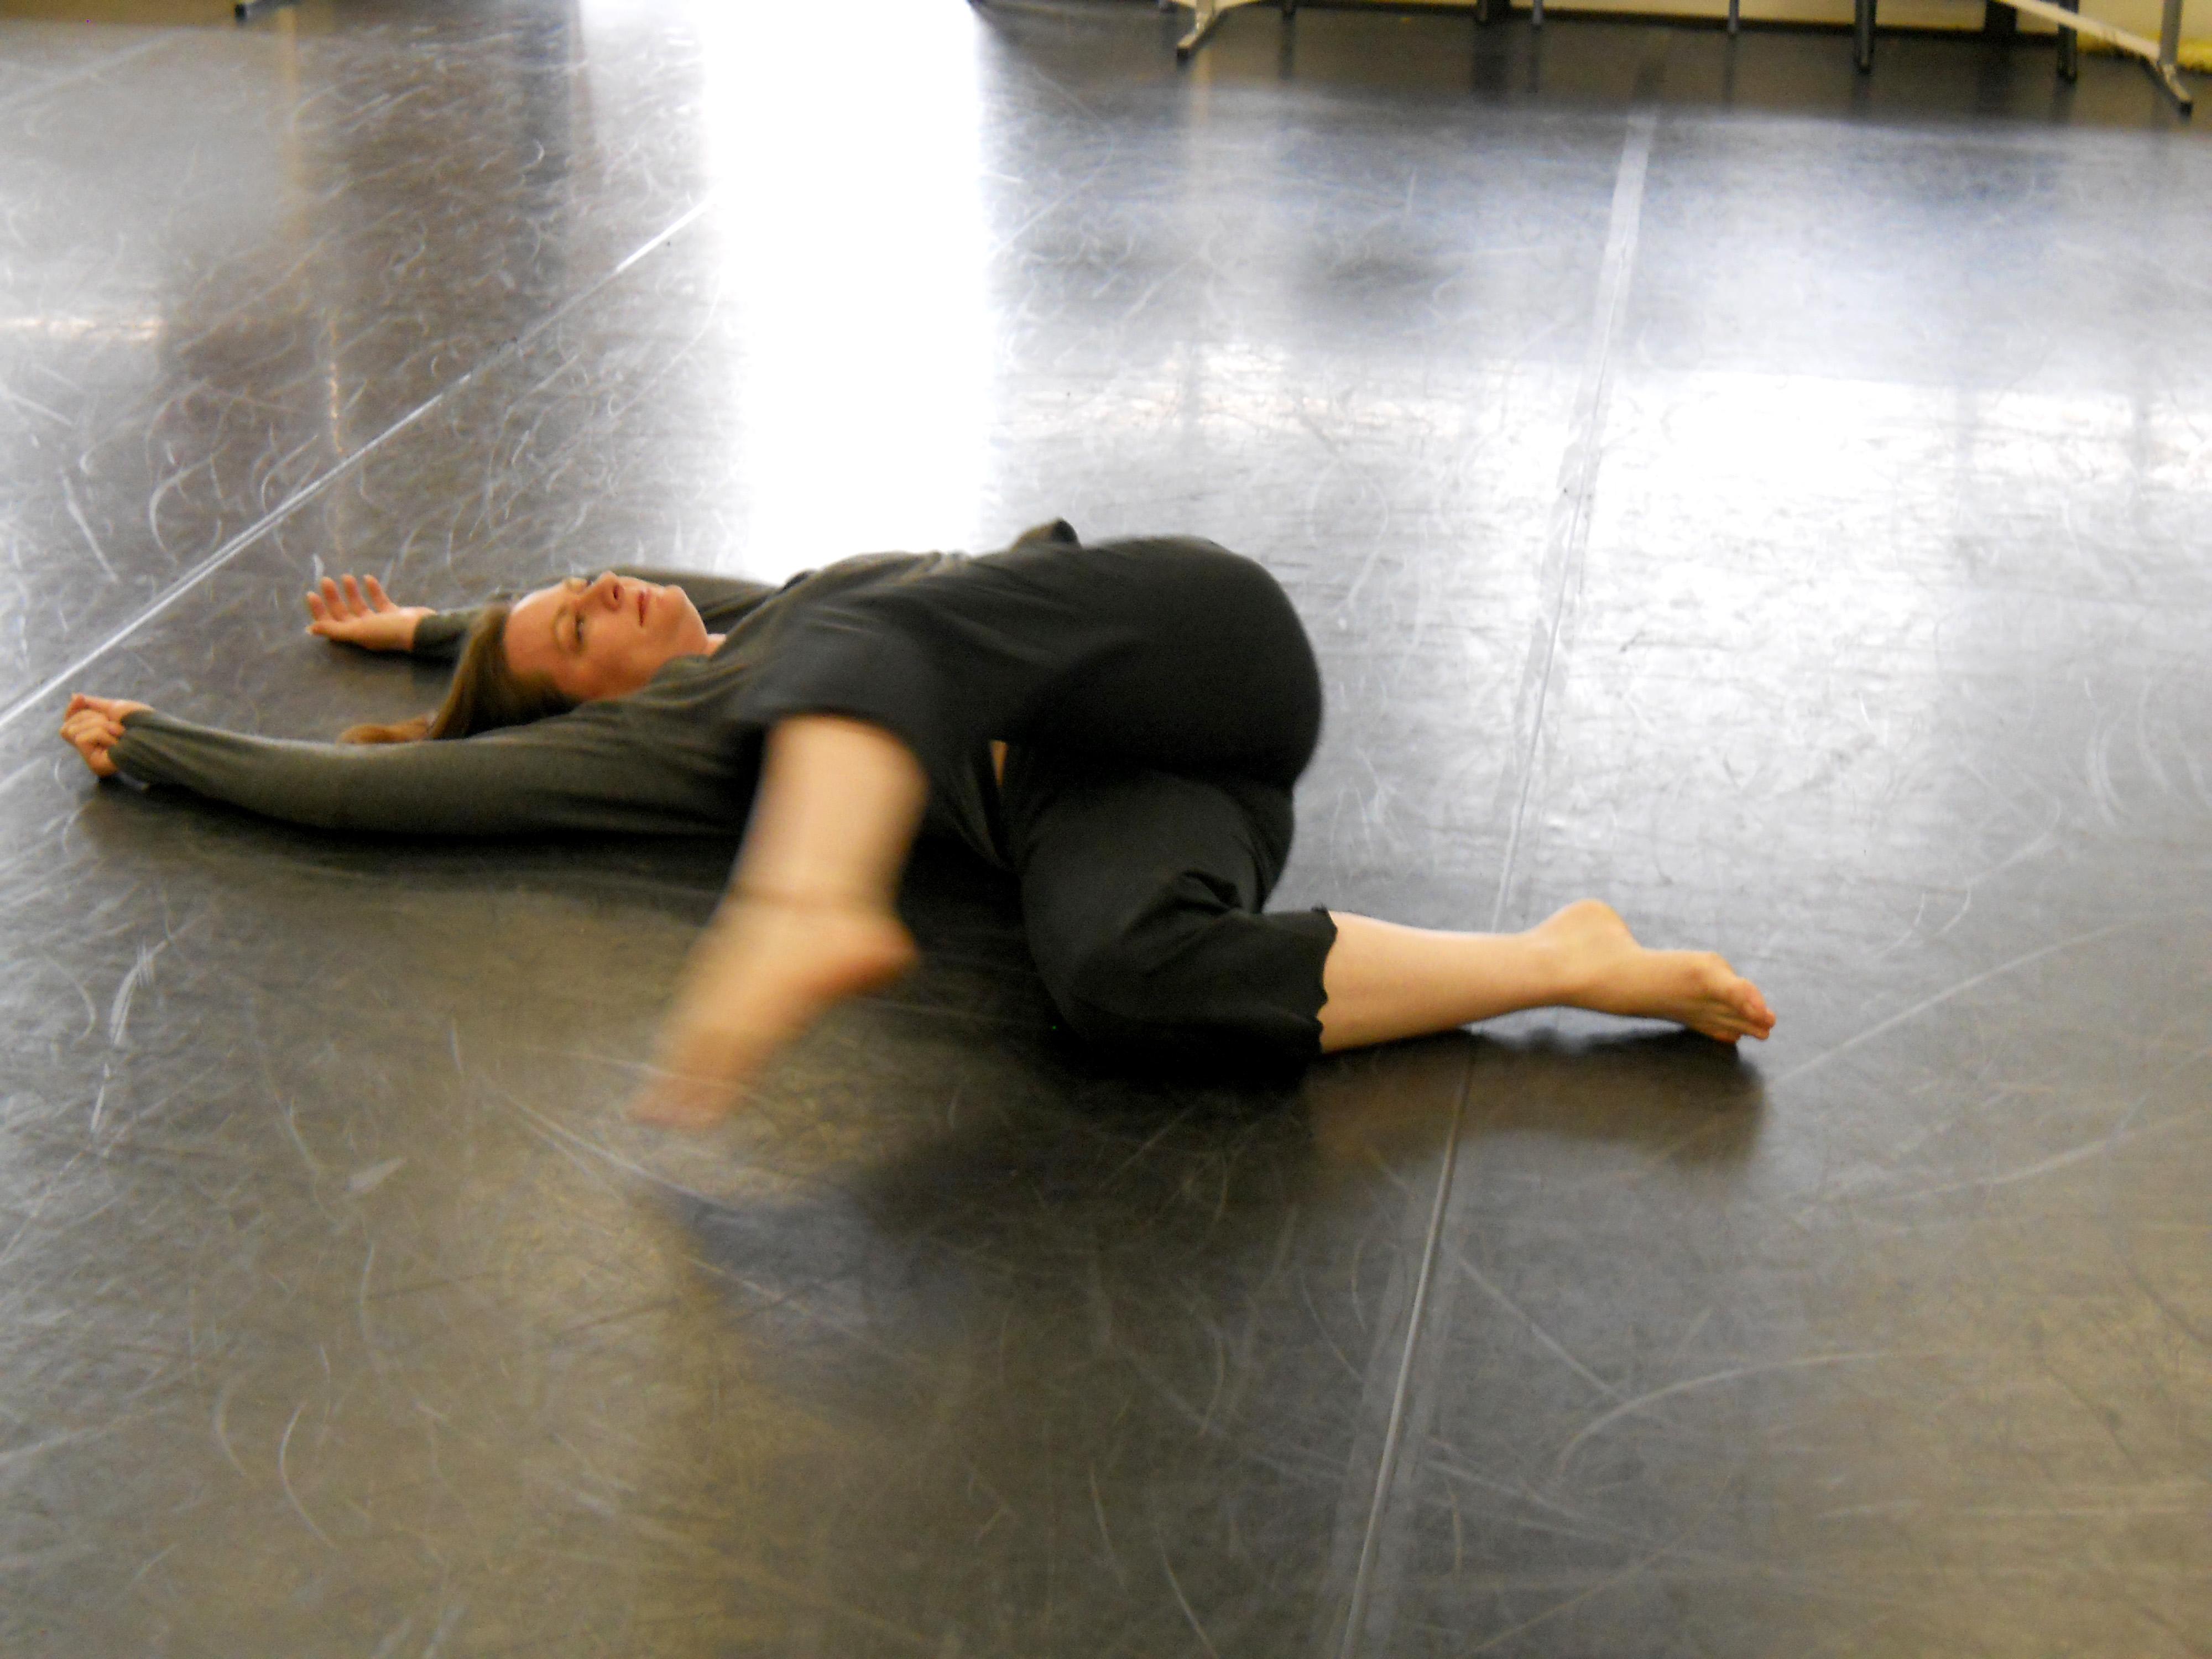 Modern dance moves